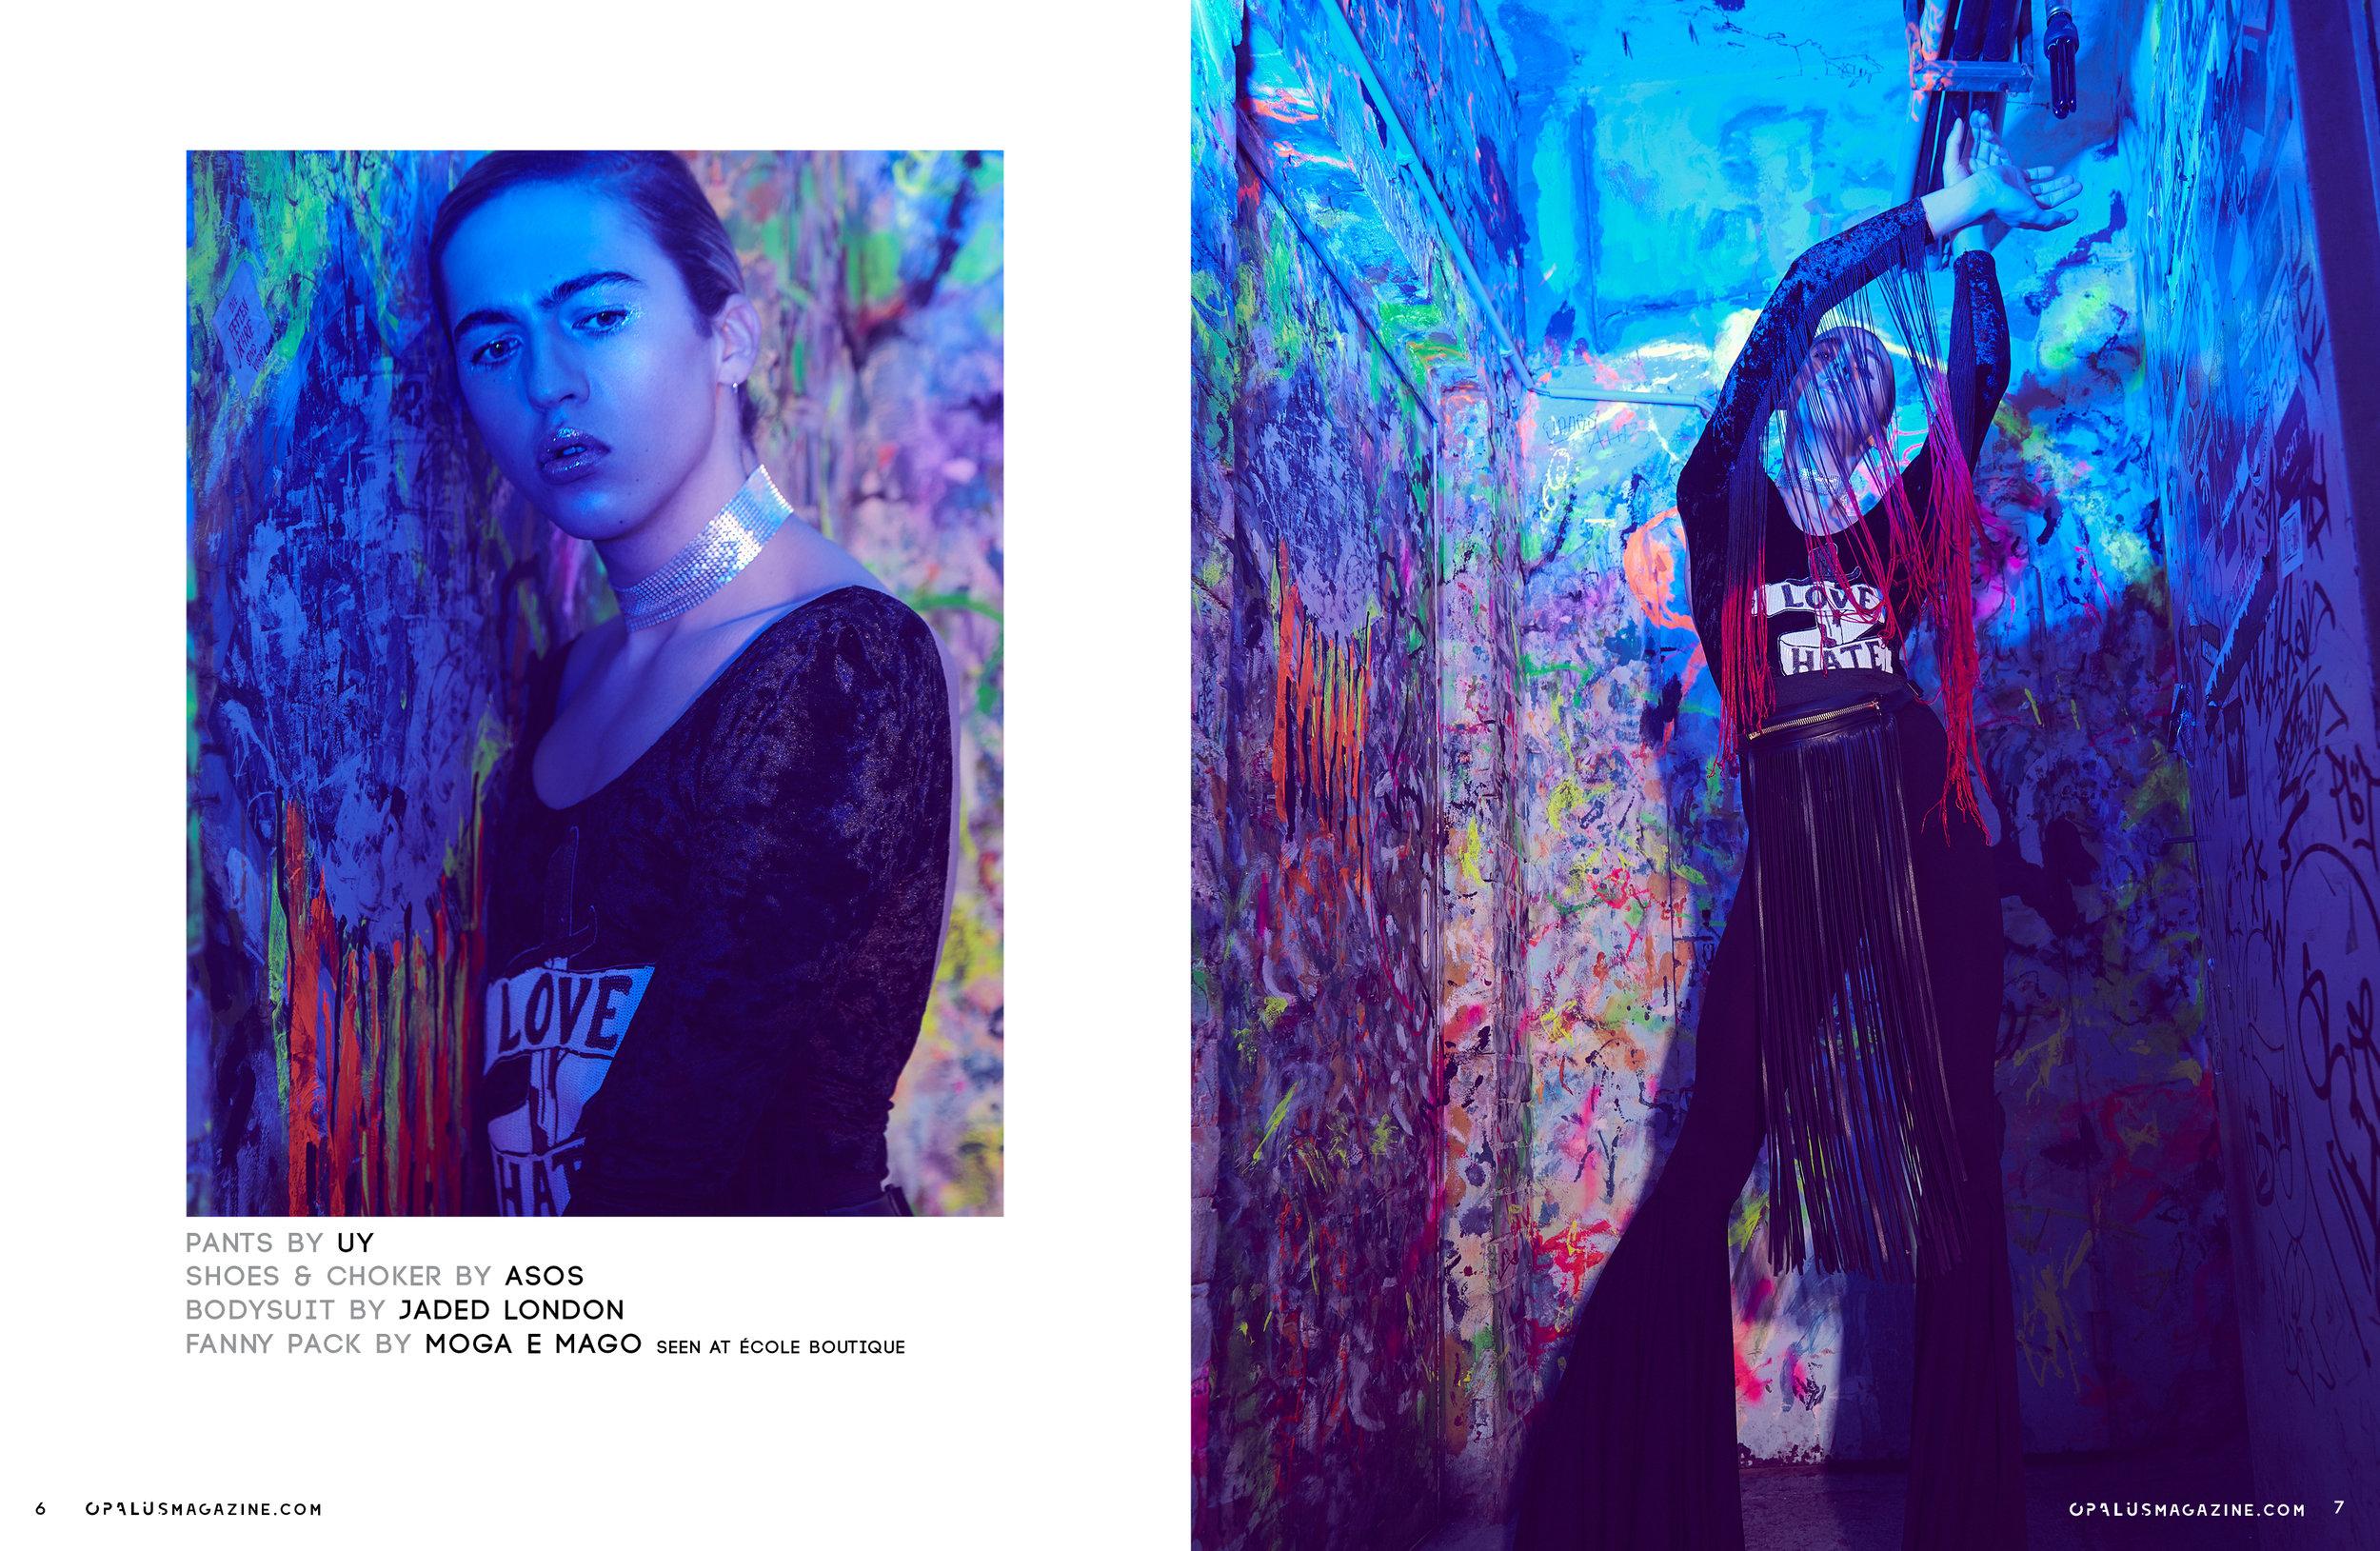 OPALUSMagazine_newDisco4.jpg